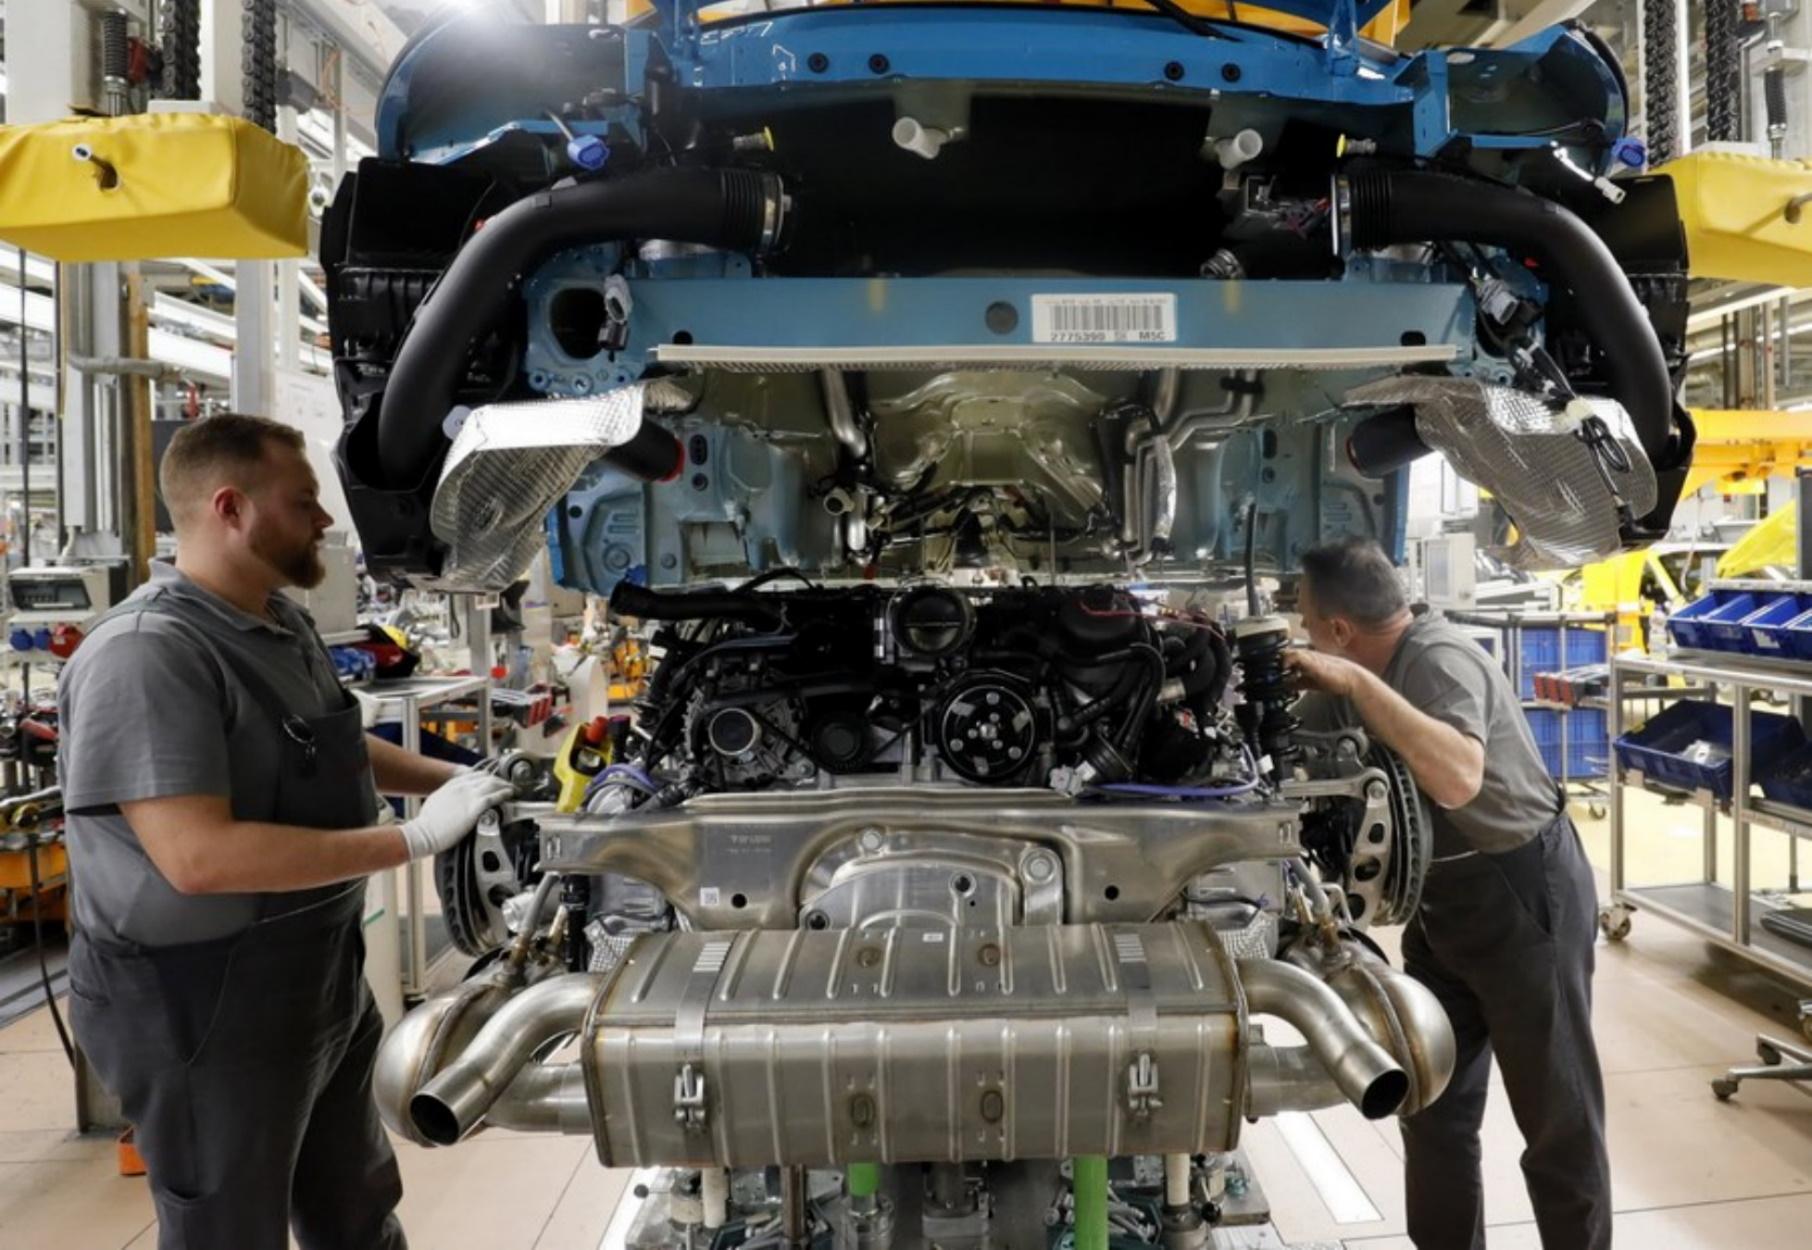 Οι πρωτοπόροι της αυτοκινηβιομηχανίας που όλοι ξέρουμε